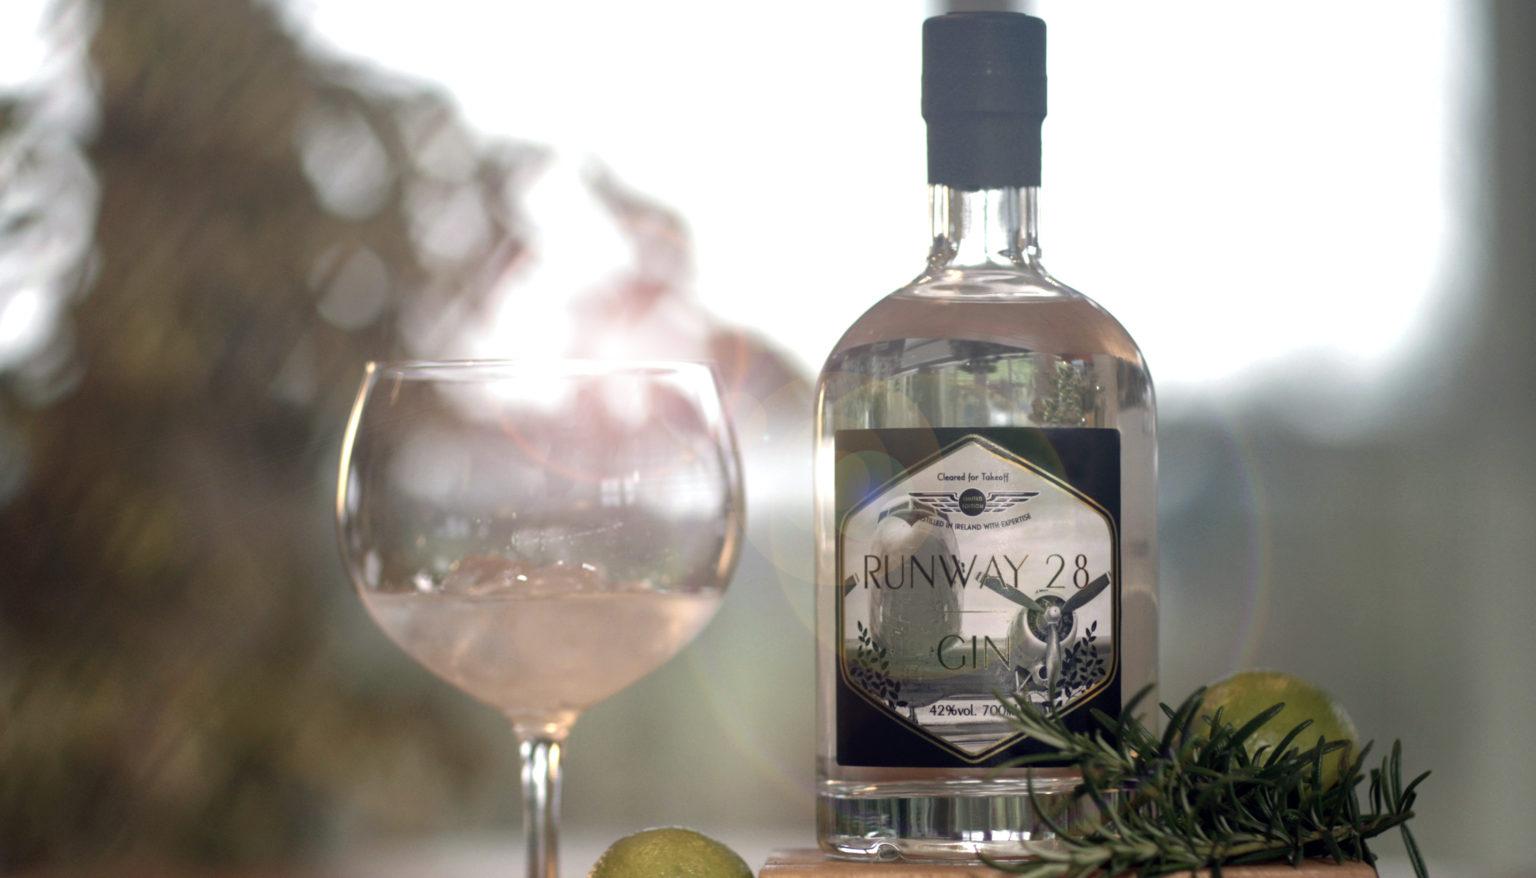 Win one of the first bottles of Runway28 Premium Irish Gin